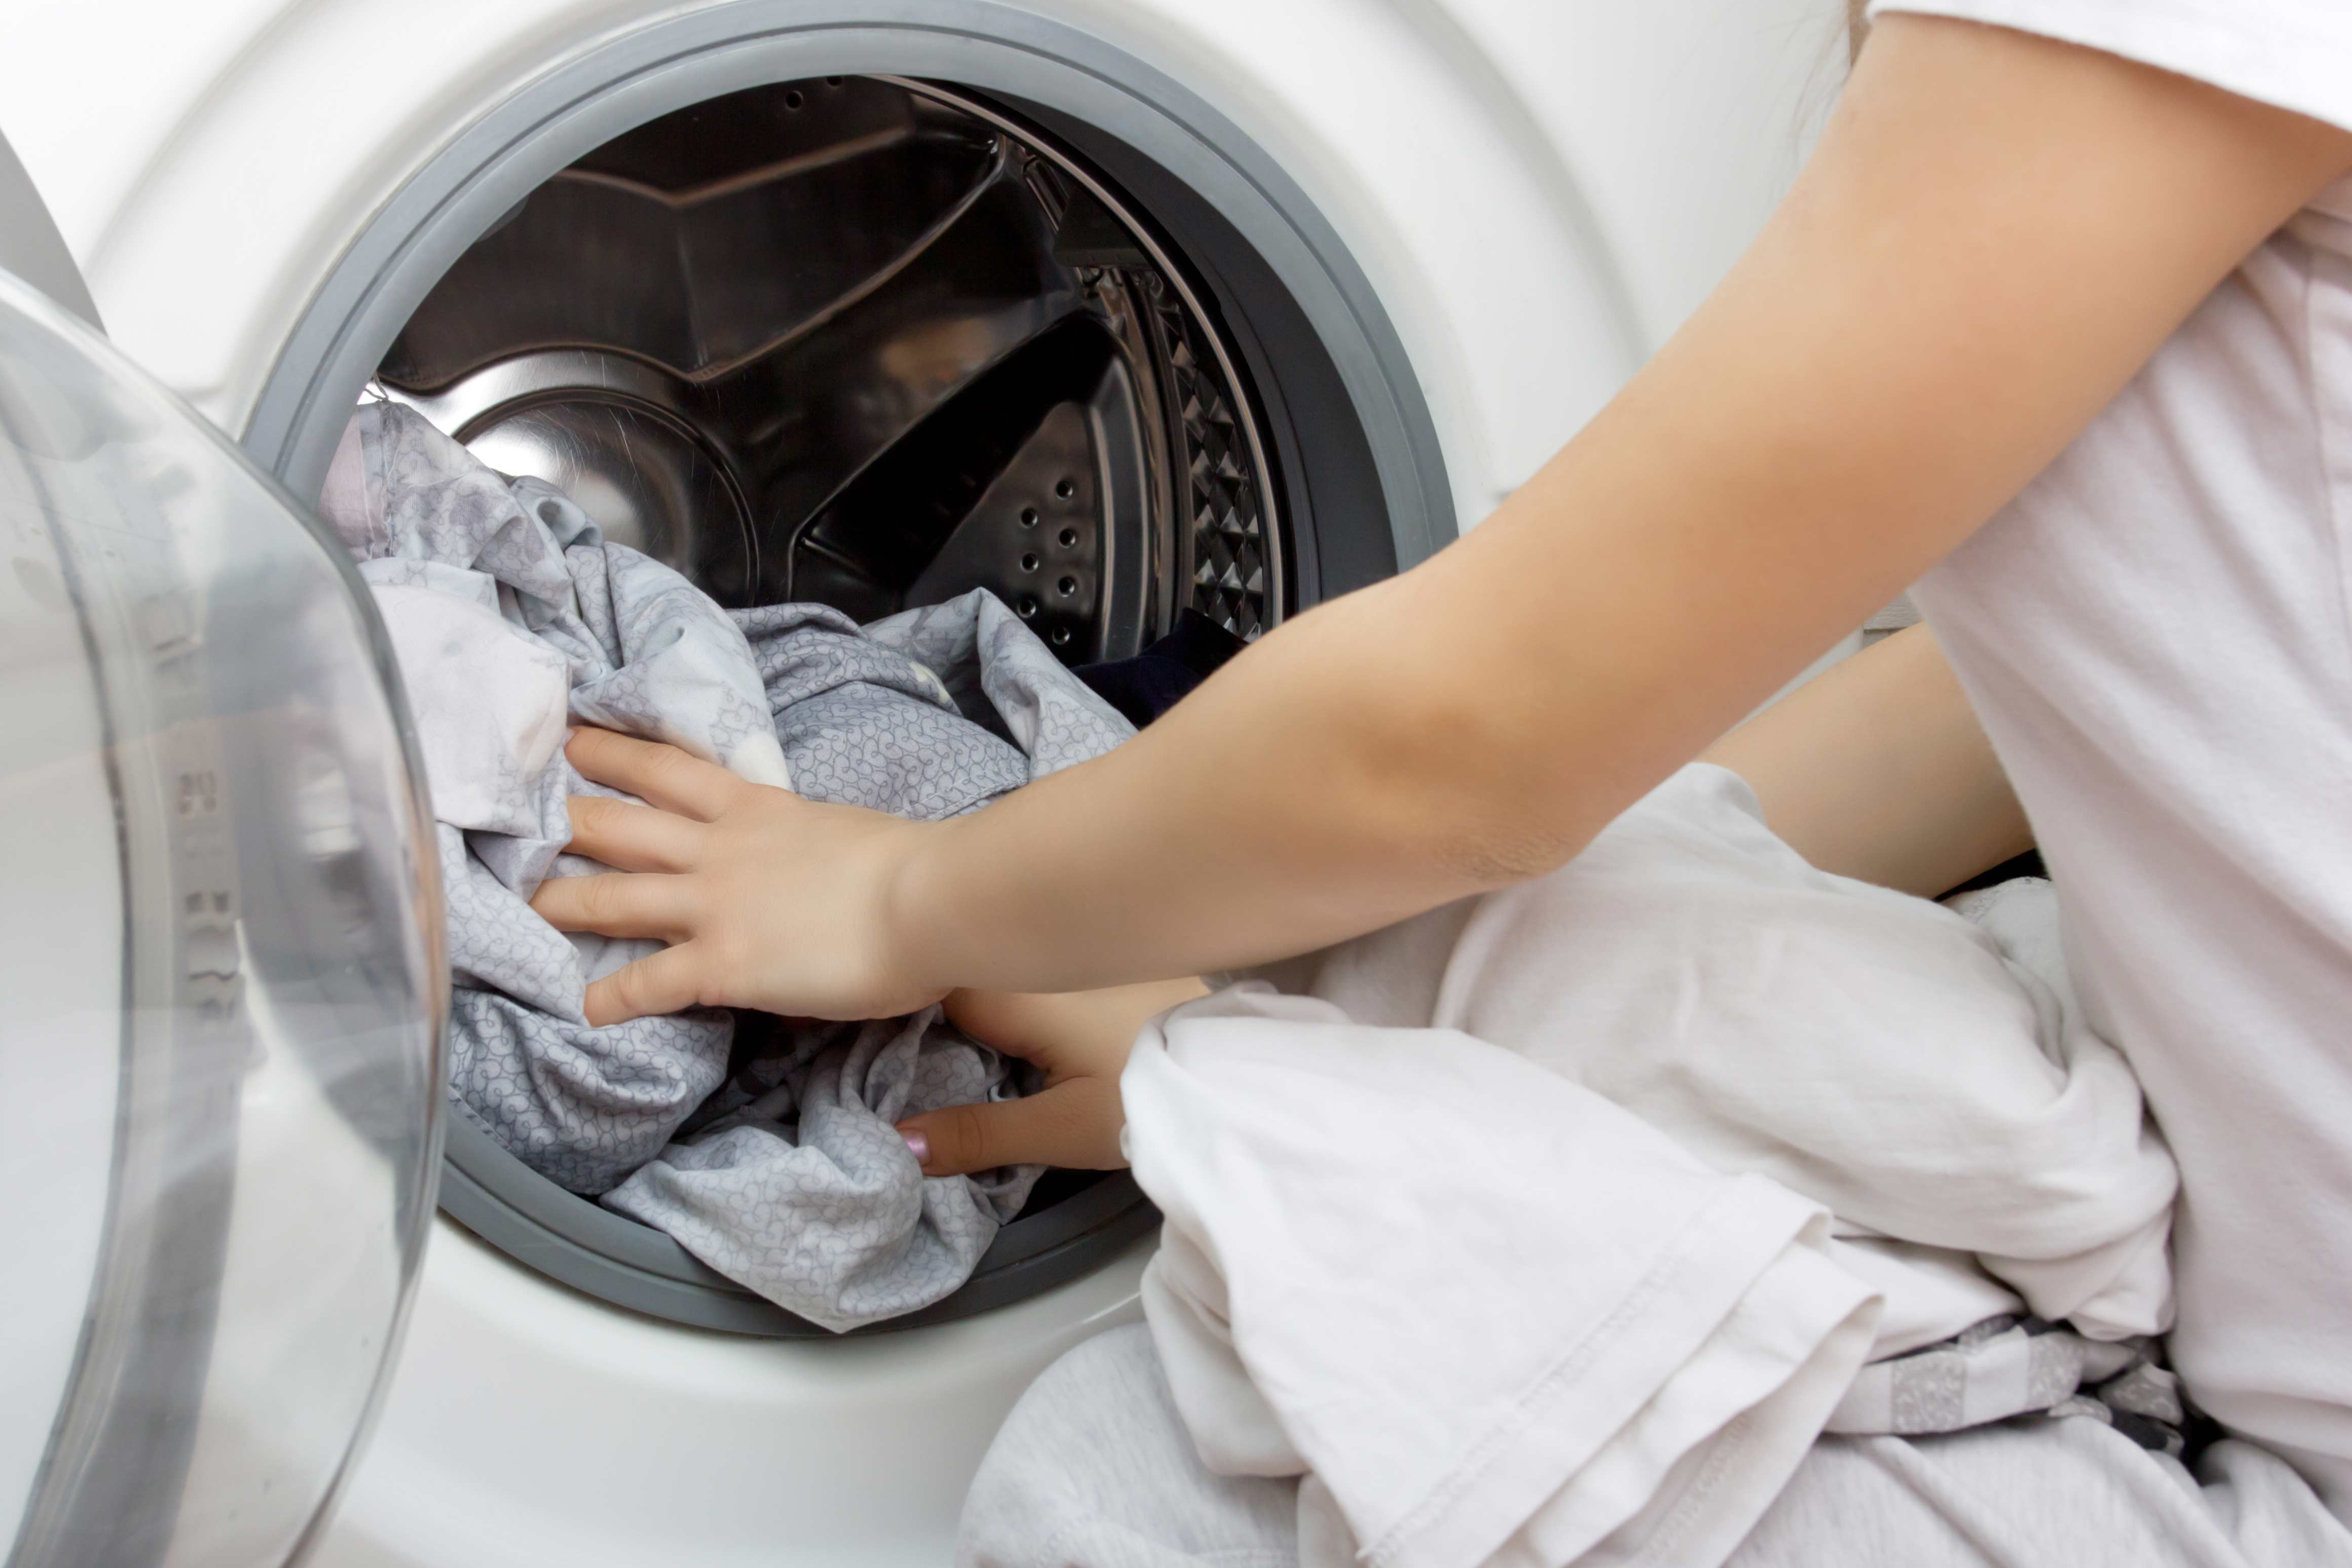 Nainen täyttää pesukonetta